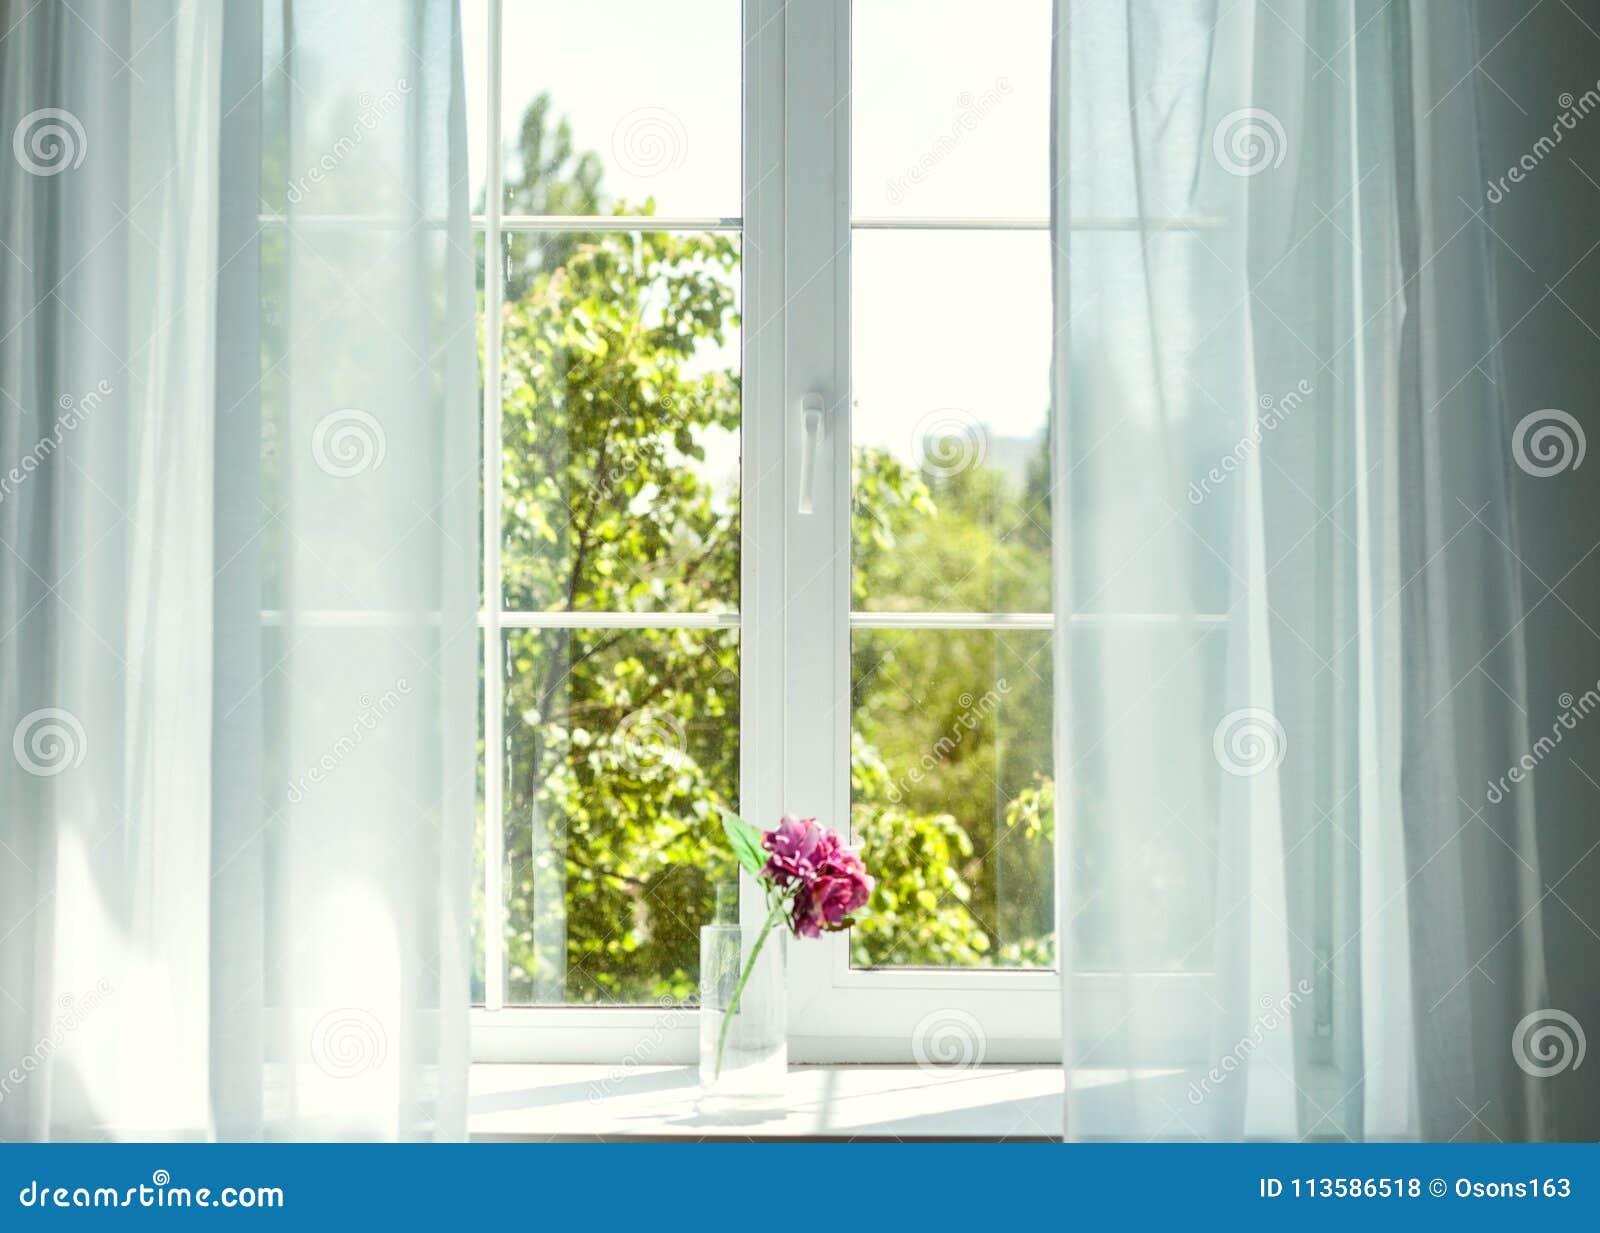 Fenster mit Vorhängen und Blumen